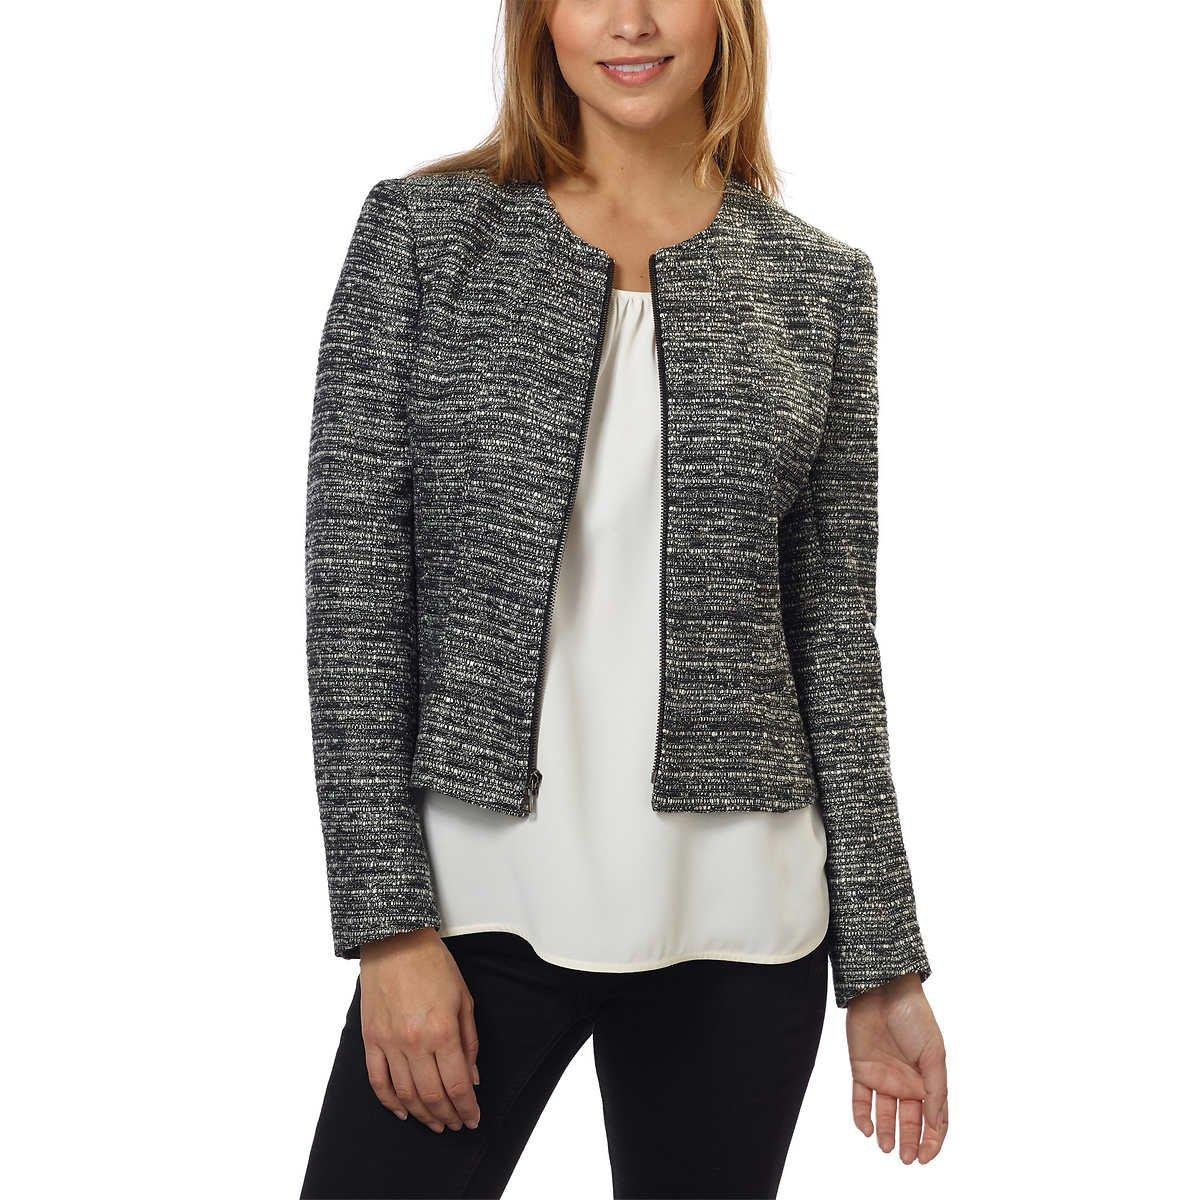 Anne Klein Women's Tweed Zip Front Jacket (Black/White, 14)